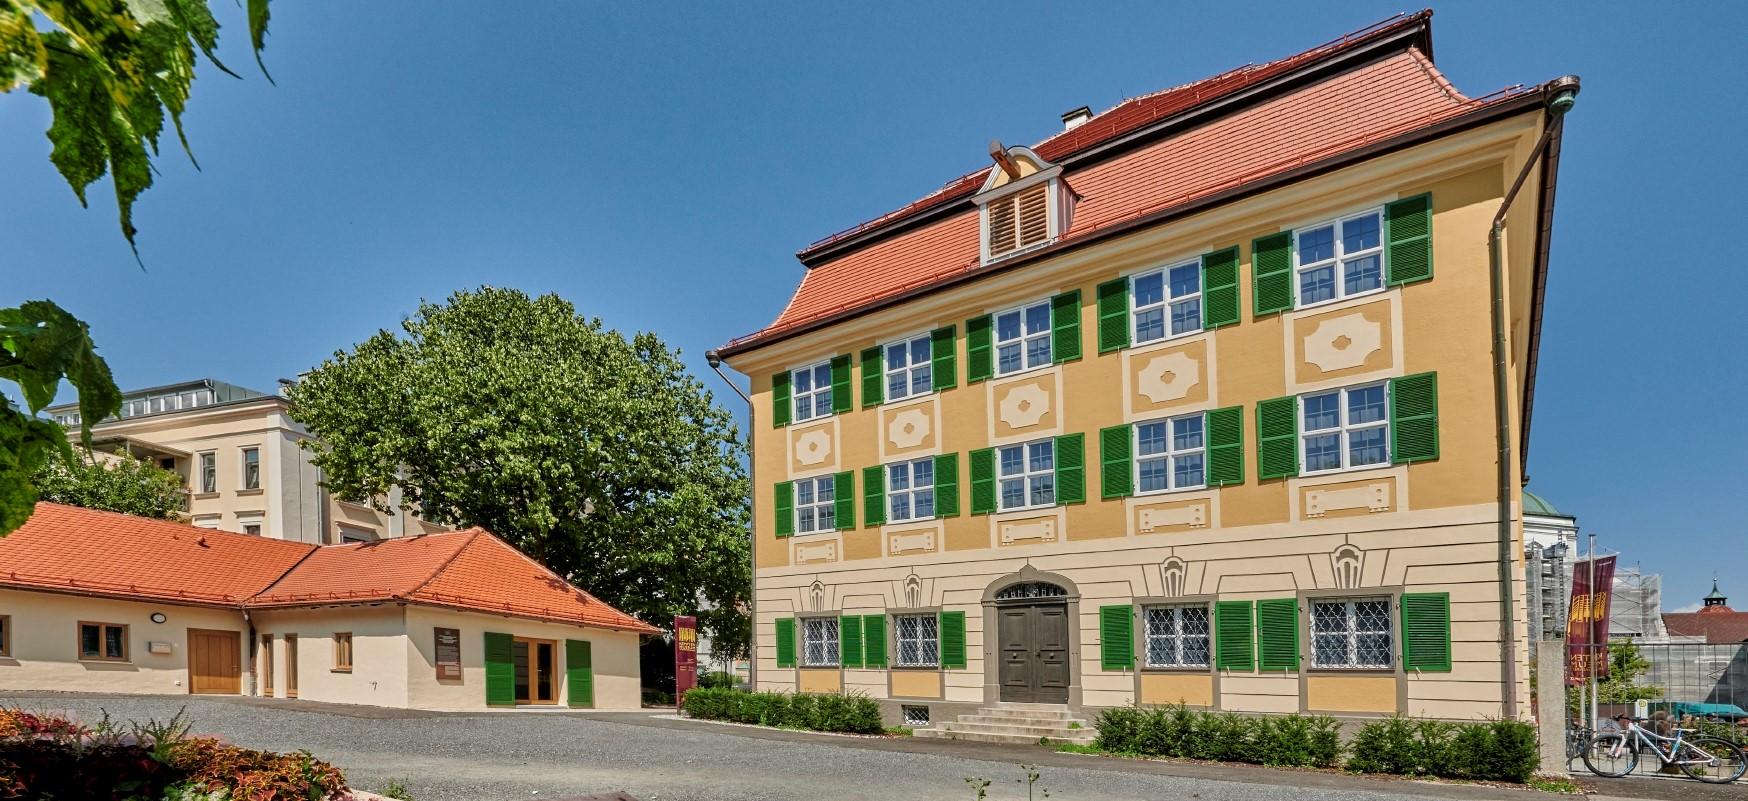 Außenansicht vom Kempten-Museum im Zumsteinhaus